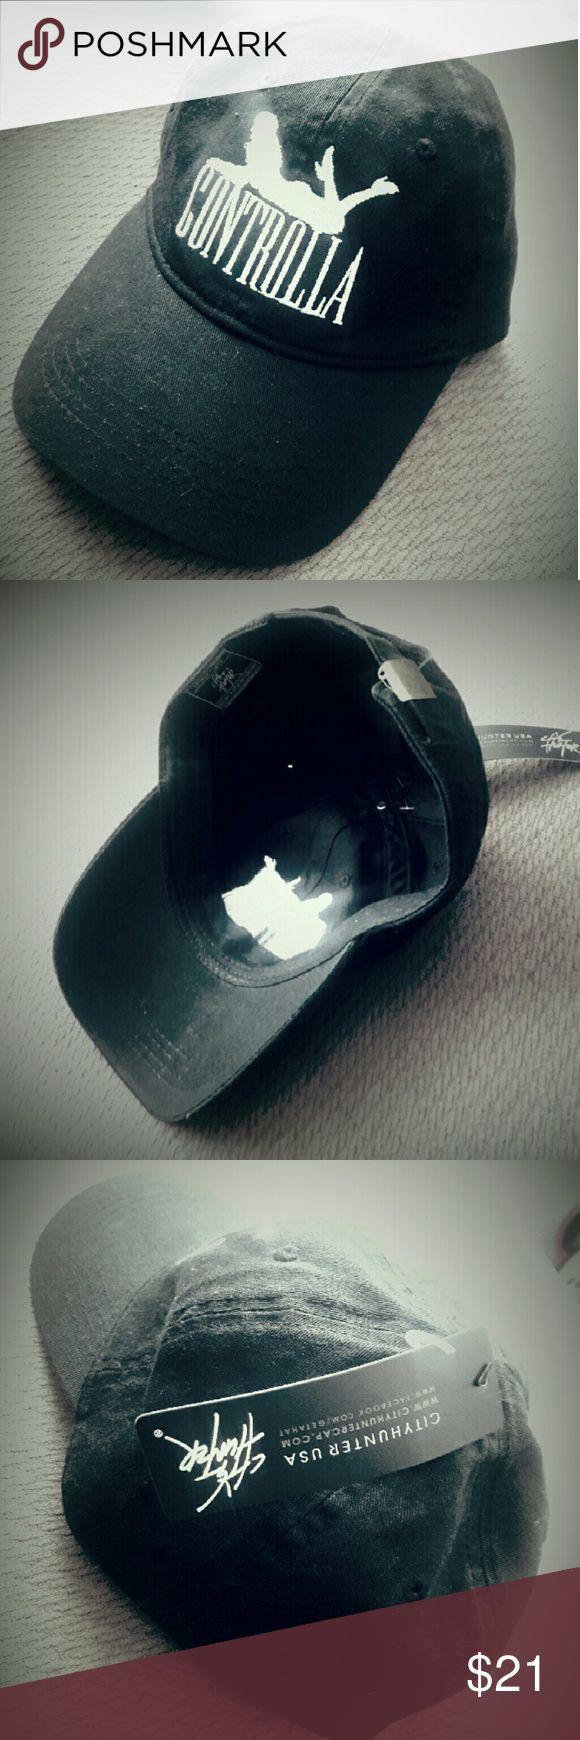 !!!CONTROLA FASHION KILLA CAP!!! CONTROLA cap. Brand: CityHunterUSA city hunter usa Accessories Hats